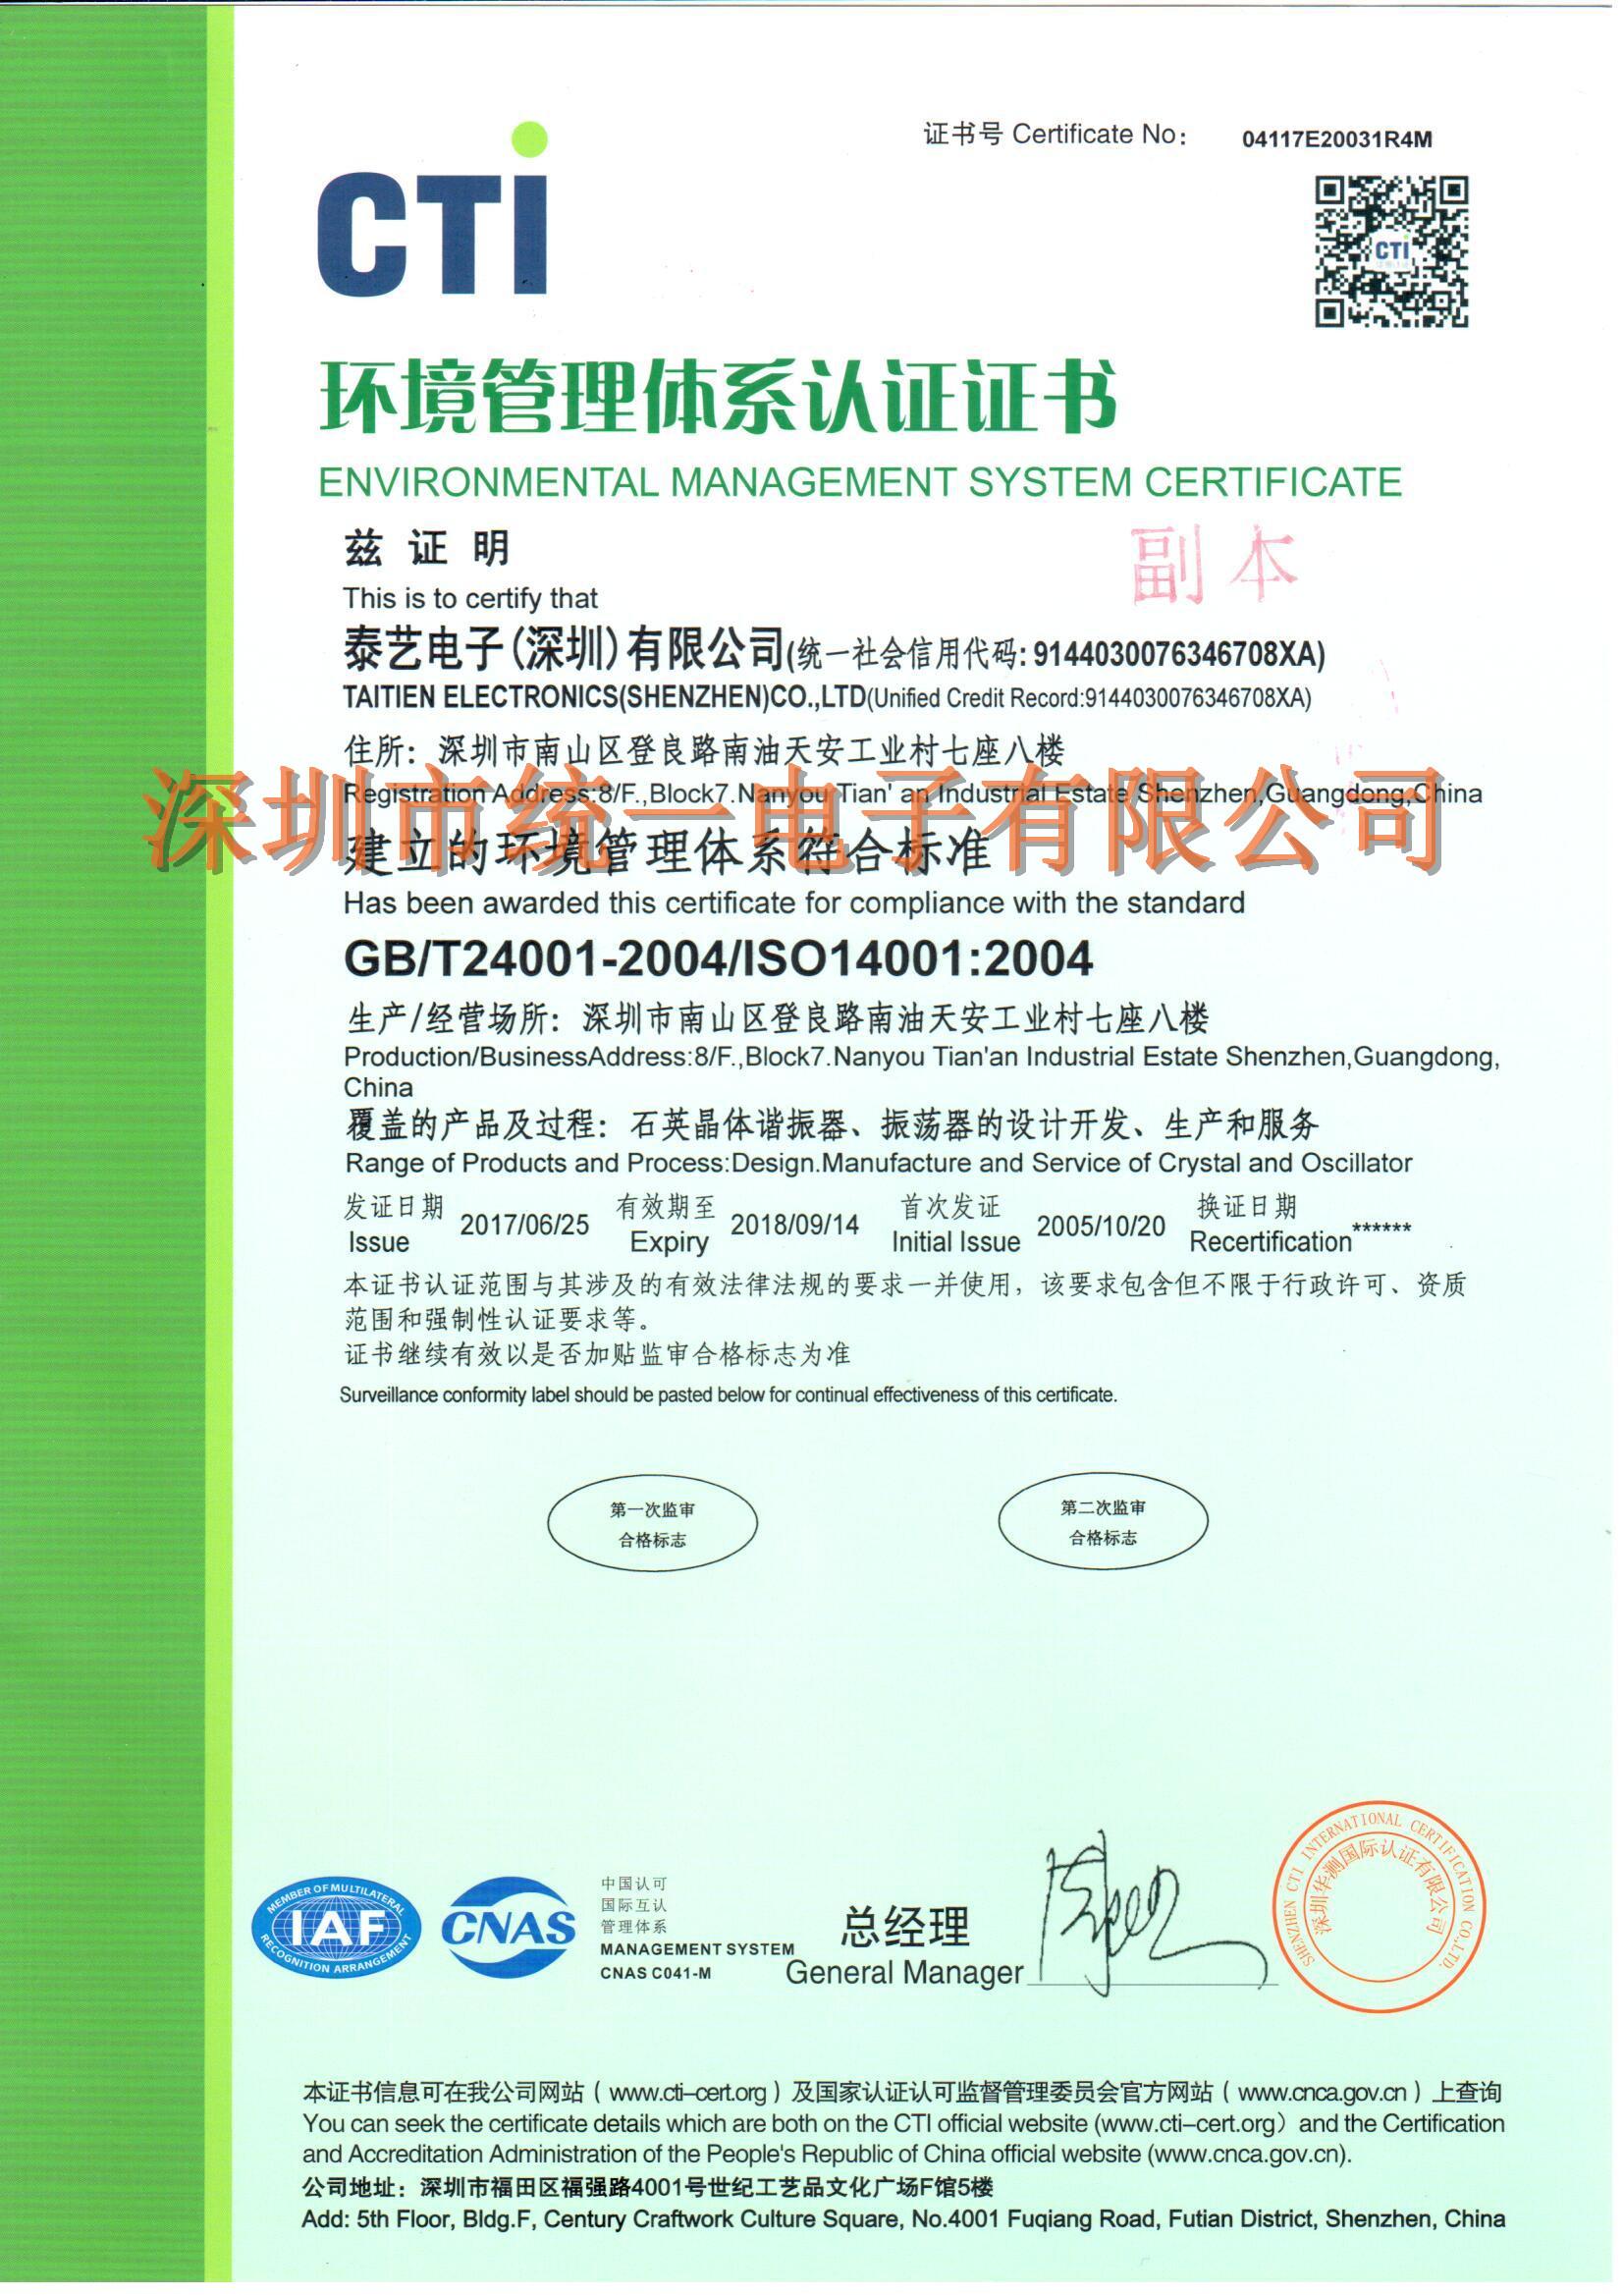 泰艺深圳分公司2004年国际环保认证